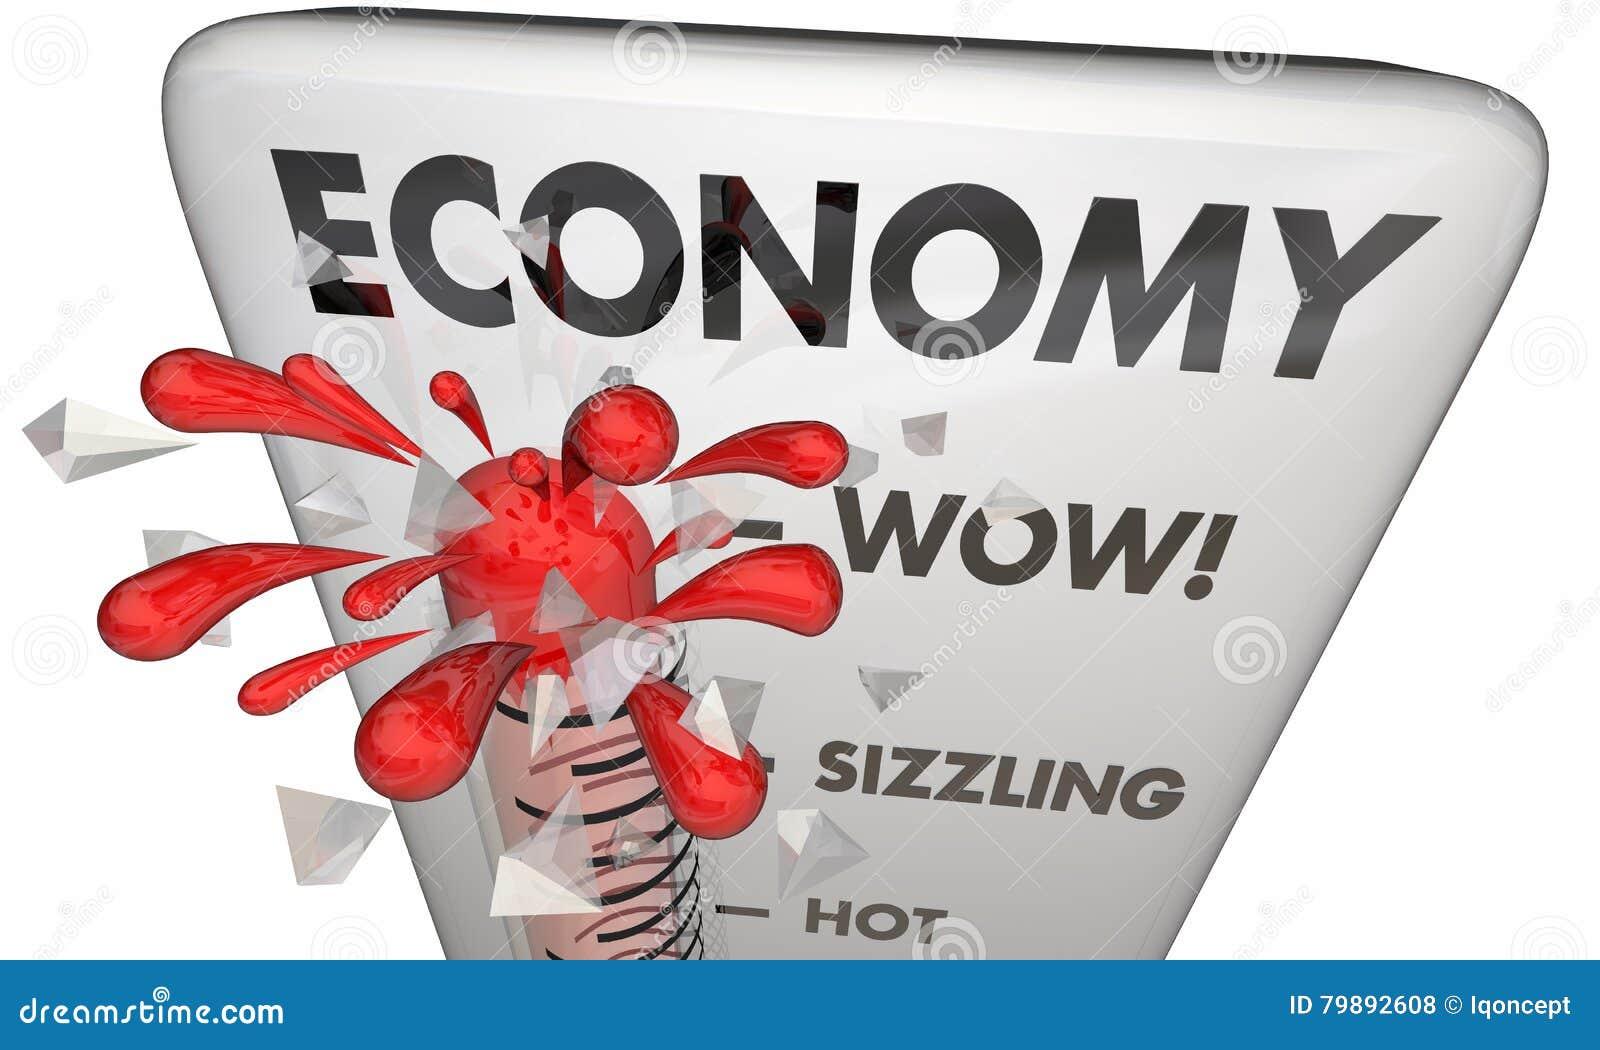 Termometro De Levantamiento De Los Mercados Financieros De La Economia Stock De Ilustracion Ilustracion De Termometro Economia 79892608 El termómetro es el instrumento que suele utilizarse para medir la temperatura. dreamstime